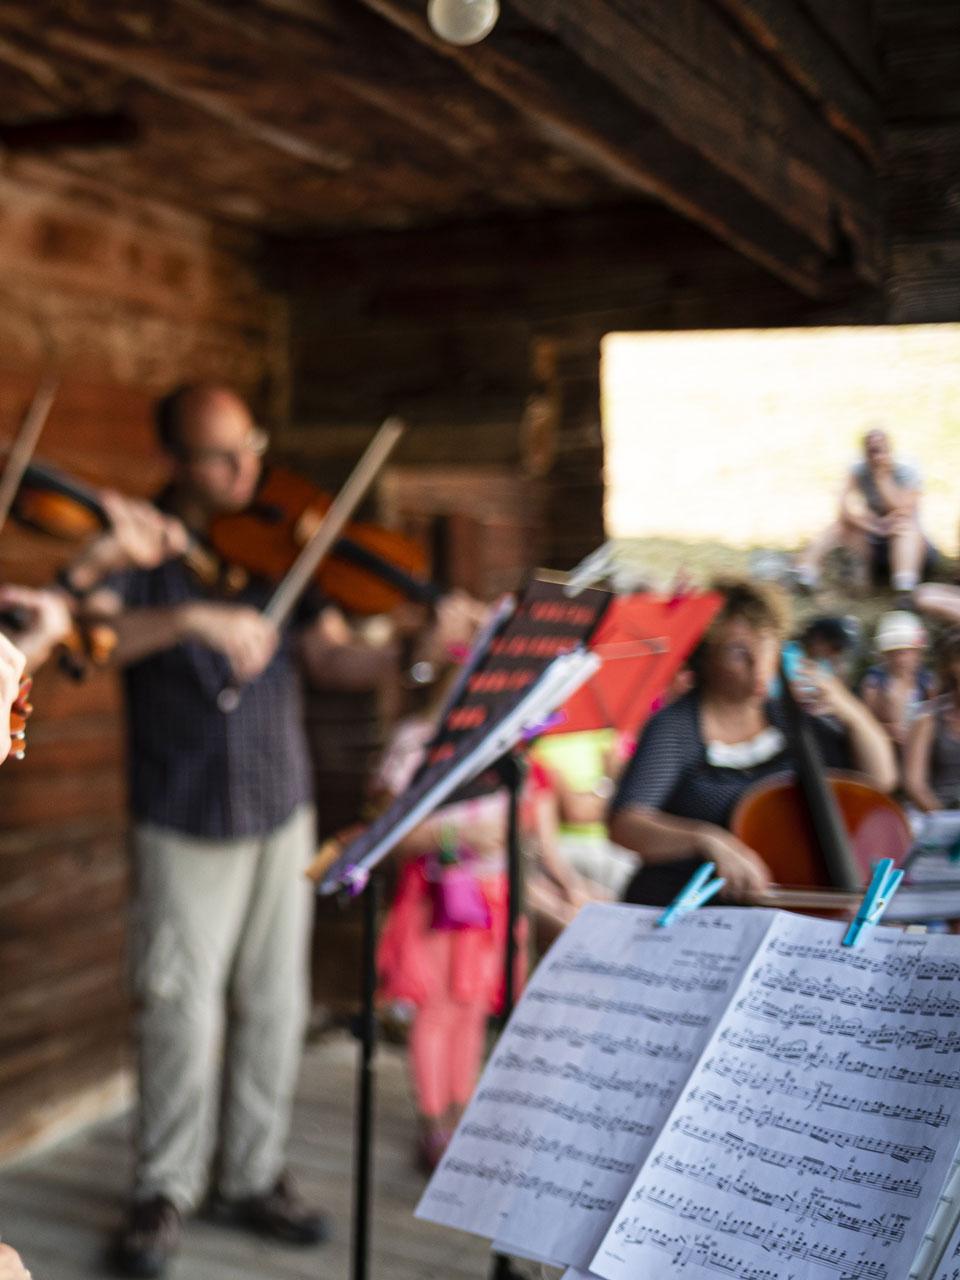 musique-a-beauregard-alpcat-medias-le-grand-bornand-tourisme-1-224150